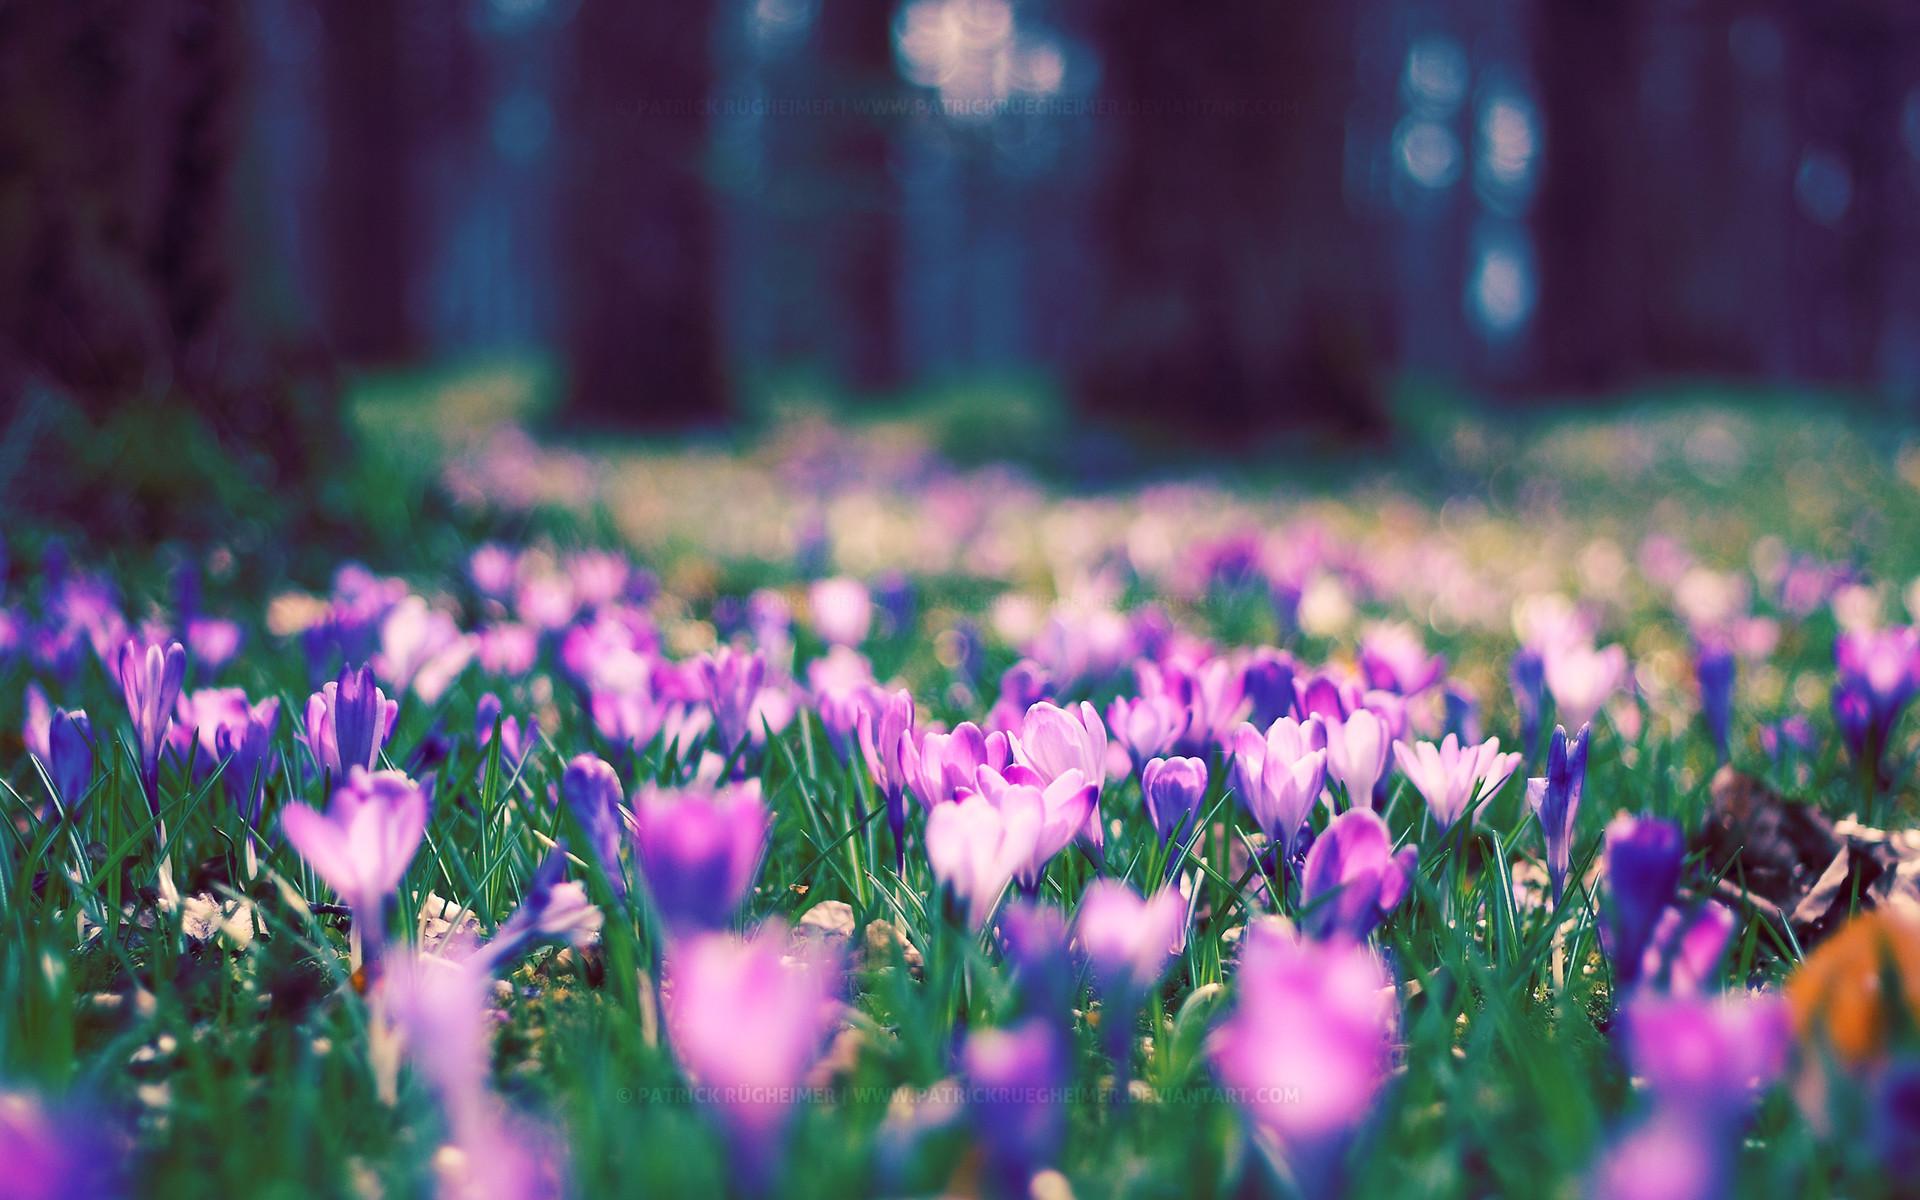 ТОП-7 самых красивых цветущих долин мира фото цветочных 47